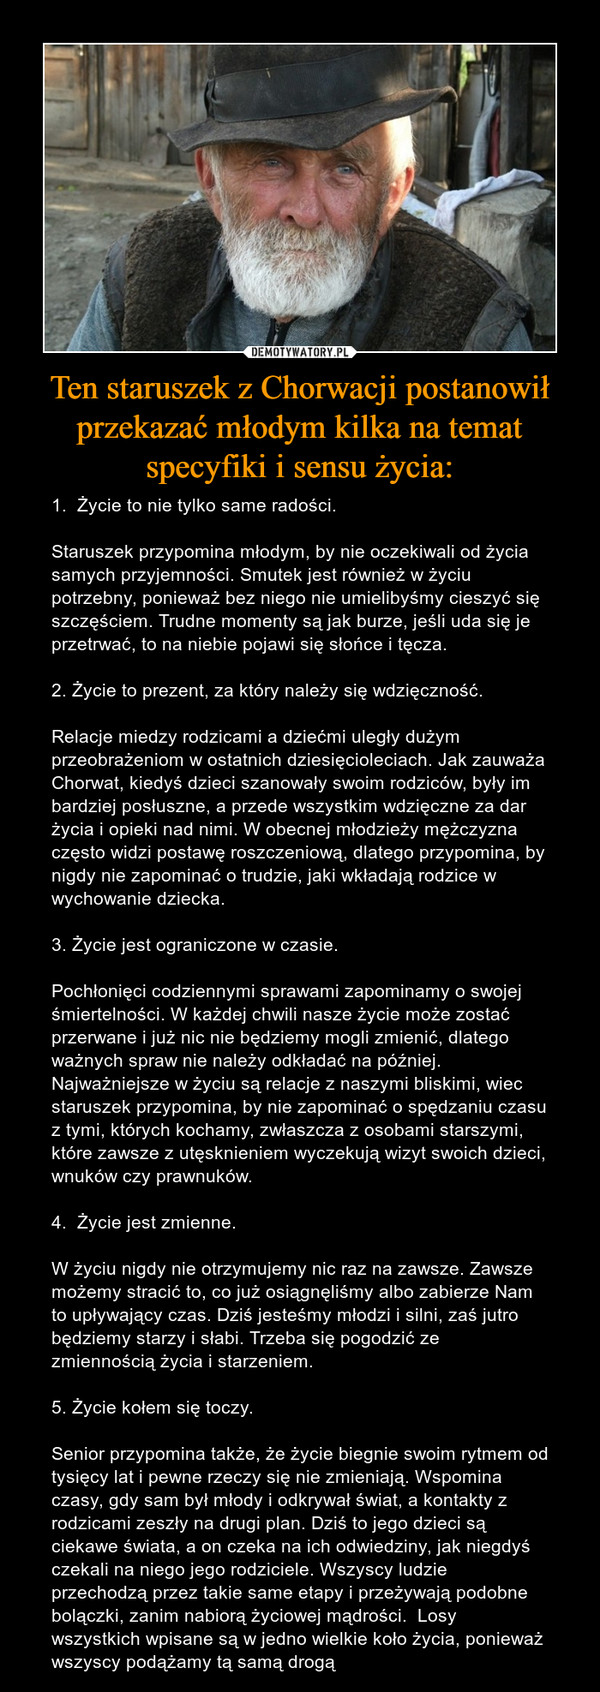 Ten staruszek z Chorwacji postanowił przekazać młodym kilka na temat specyfiki i sensu życia: – 1.  Życie to nie tylko same radości.Staruszek przypomina młodym, by nie oczekiwali od życia samych przyjemności. Smutek jest również w życiu potrzebny, ponieważ bez niego nie umielibyśmy cieszyć się szczęściem. Trudne momenty są jak burze, jeśli uda się je przetrwać, to na niebie pojawi się słońce i tęcza.2. Życie to prezent, za który należy się wdzięczność.Relacje miedzy rodzicami a dziećmi uległy dużym przeobrażeniom w ostatnich dziesięcioleciach. Jak zauważa Chorwat, kiedyś dzieci szanowały swoim rodziców, były im bardziej posłuszne, a przede wszystkim wdzięczne za dar życia i opieki nad nimi. W obecnej młodzieży mężczyzna często widzi postawę roszczeniową, dlatego przypomina, by nigdy nie zapominać o trudzie, jaki wkładają rodzice w wychowanie dziecka.3. Życie jest ograniczone w czasie.Pochłonięci codziennymi sprawami zapominamy o swojej śmiertelności. W każdej chwili nasze życie może zostać przerwane i już nic nie będziemy mogli zmienić, dlatego ważnych spraw nie należy odkładać na później. Najważniejsze w życiu są relacje z naszymi bliskimi, wiec staruszek przypomina, by nie zapominać o spędzaniu czasu z tymi, których kochamy, zwłaszcza z osobami starszymi, które zawsze z utęsknieniem wyczekują wizyt swoich dzieci, wnuków czy prawnuków.4.  Życie jest zmienne.W życiu nigdy nie otrzymujemy nic raz na zawsze. Zawsze możemy stracić to, co już osiągnęliśmy albo zabierze Nam to upływający czas. Dziś jesteśmy młodzi i silni, zaś jutro będziemy starzy i słabi. Trzeba się pogodzić ze zmiennością życia i starzeniem.5. Życie kołem się toczy.Senior przypomina także, że życie biegnie swoim rytmem od tysięcy lat i pewne rzeczy się nie zmieniają. Wspomina czasy, gdy sam był młody i odkrywał świat, a kontakty z rodzicami zeszły na drugi plan. Dziś to jego dzieci są ciekawe świata, a on czeka na ich odwiedziny, jak niegdyś czekali na niego jego rodziciele. Wszyscy ludzie przechodzą 